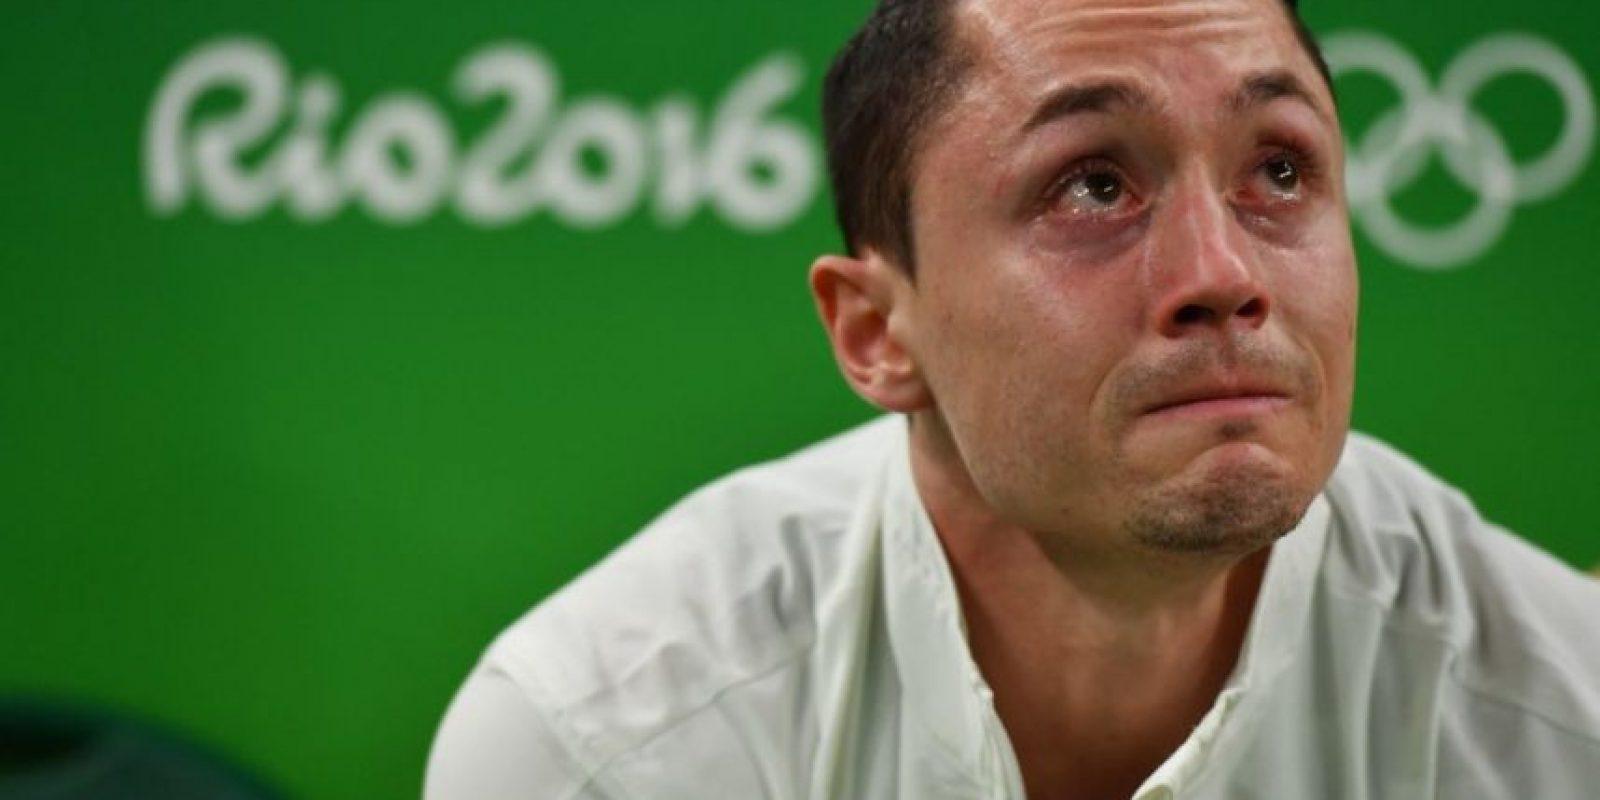 El gimnasta argentino Andreas Toba tuvo que abandonar la competición por lesión Foto:Ines Boubakri